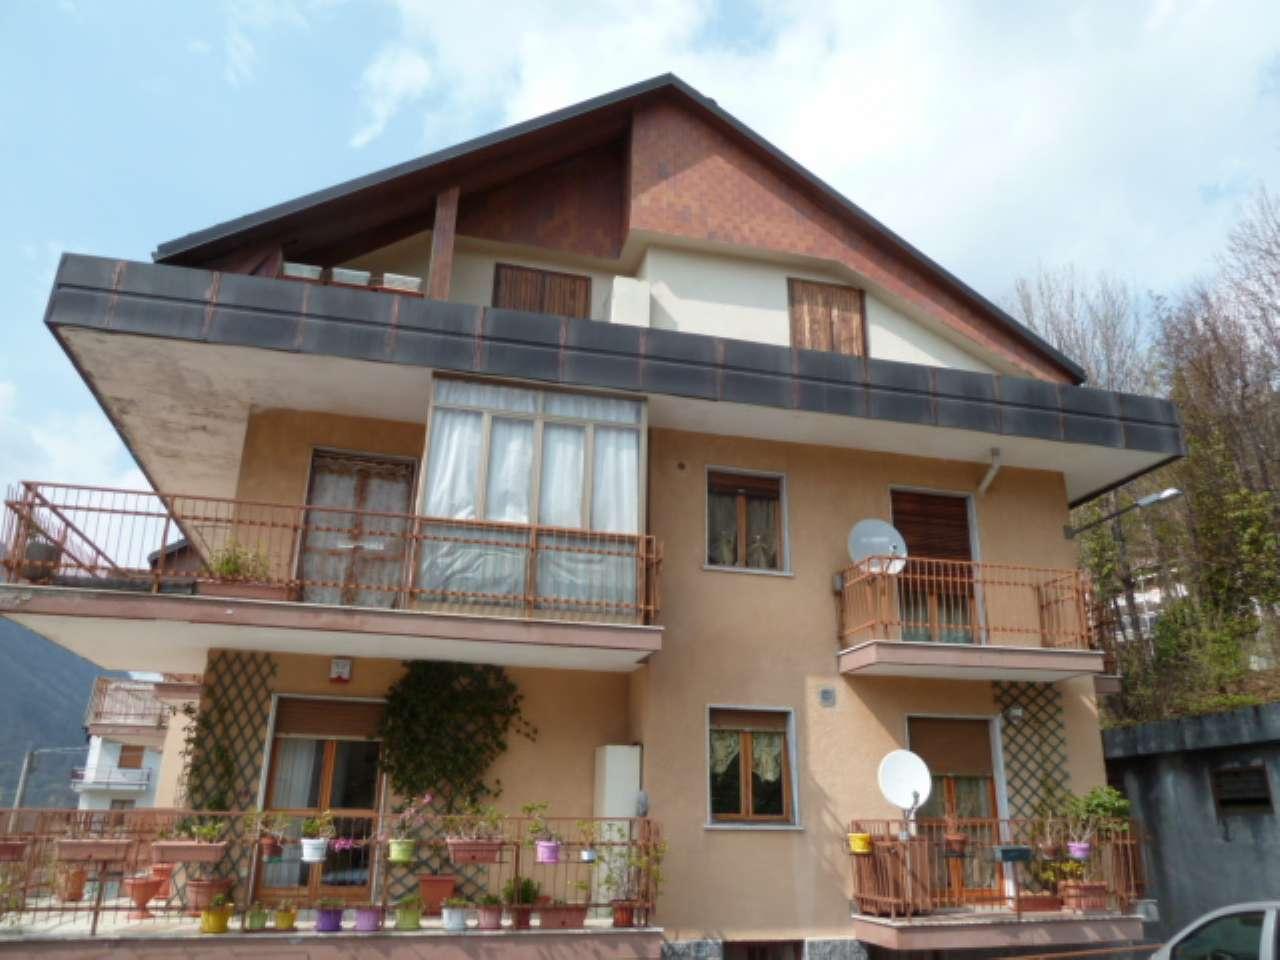 Appartamento in vendita a Ceres, 2 locali, prezzo € 32.000 | PortaleAgenzieImmobiliari.it